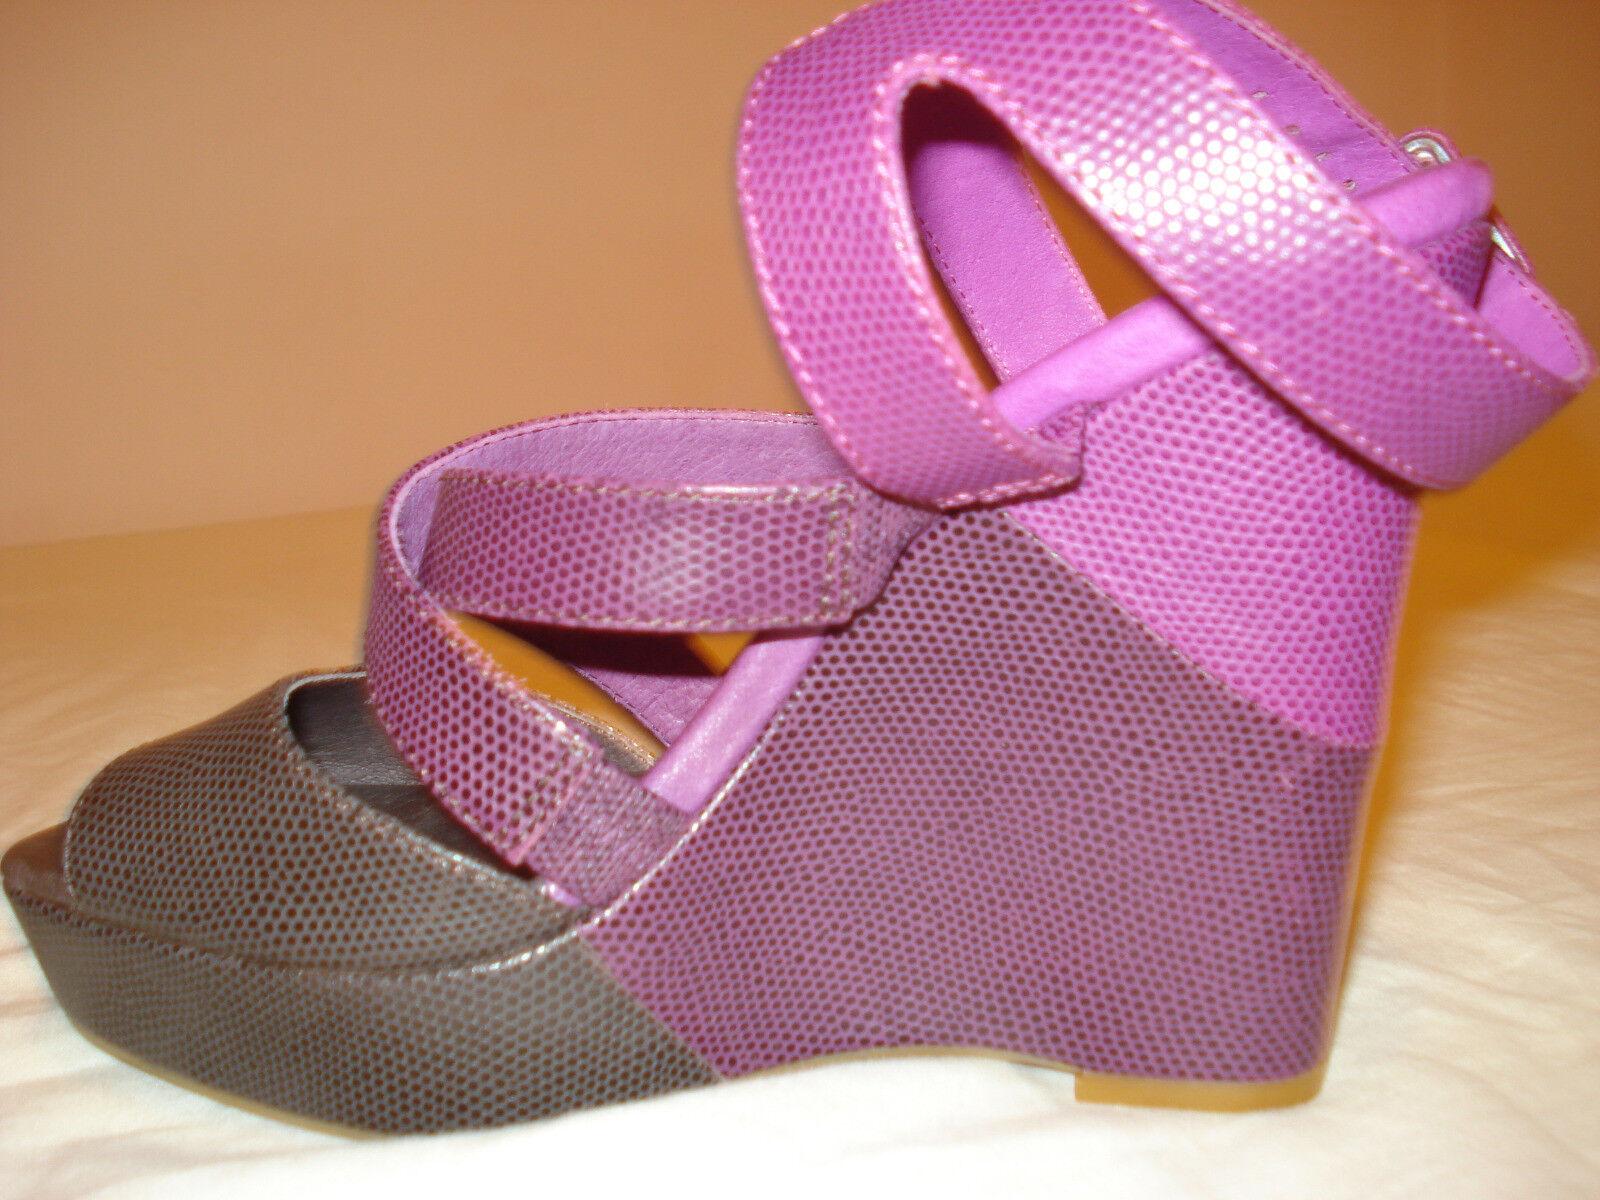 Juice Couture-Melanie USA 9,5 Eur 40 40 40 org  250 all leather  descuento de ventas en línea